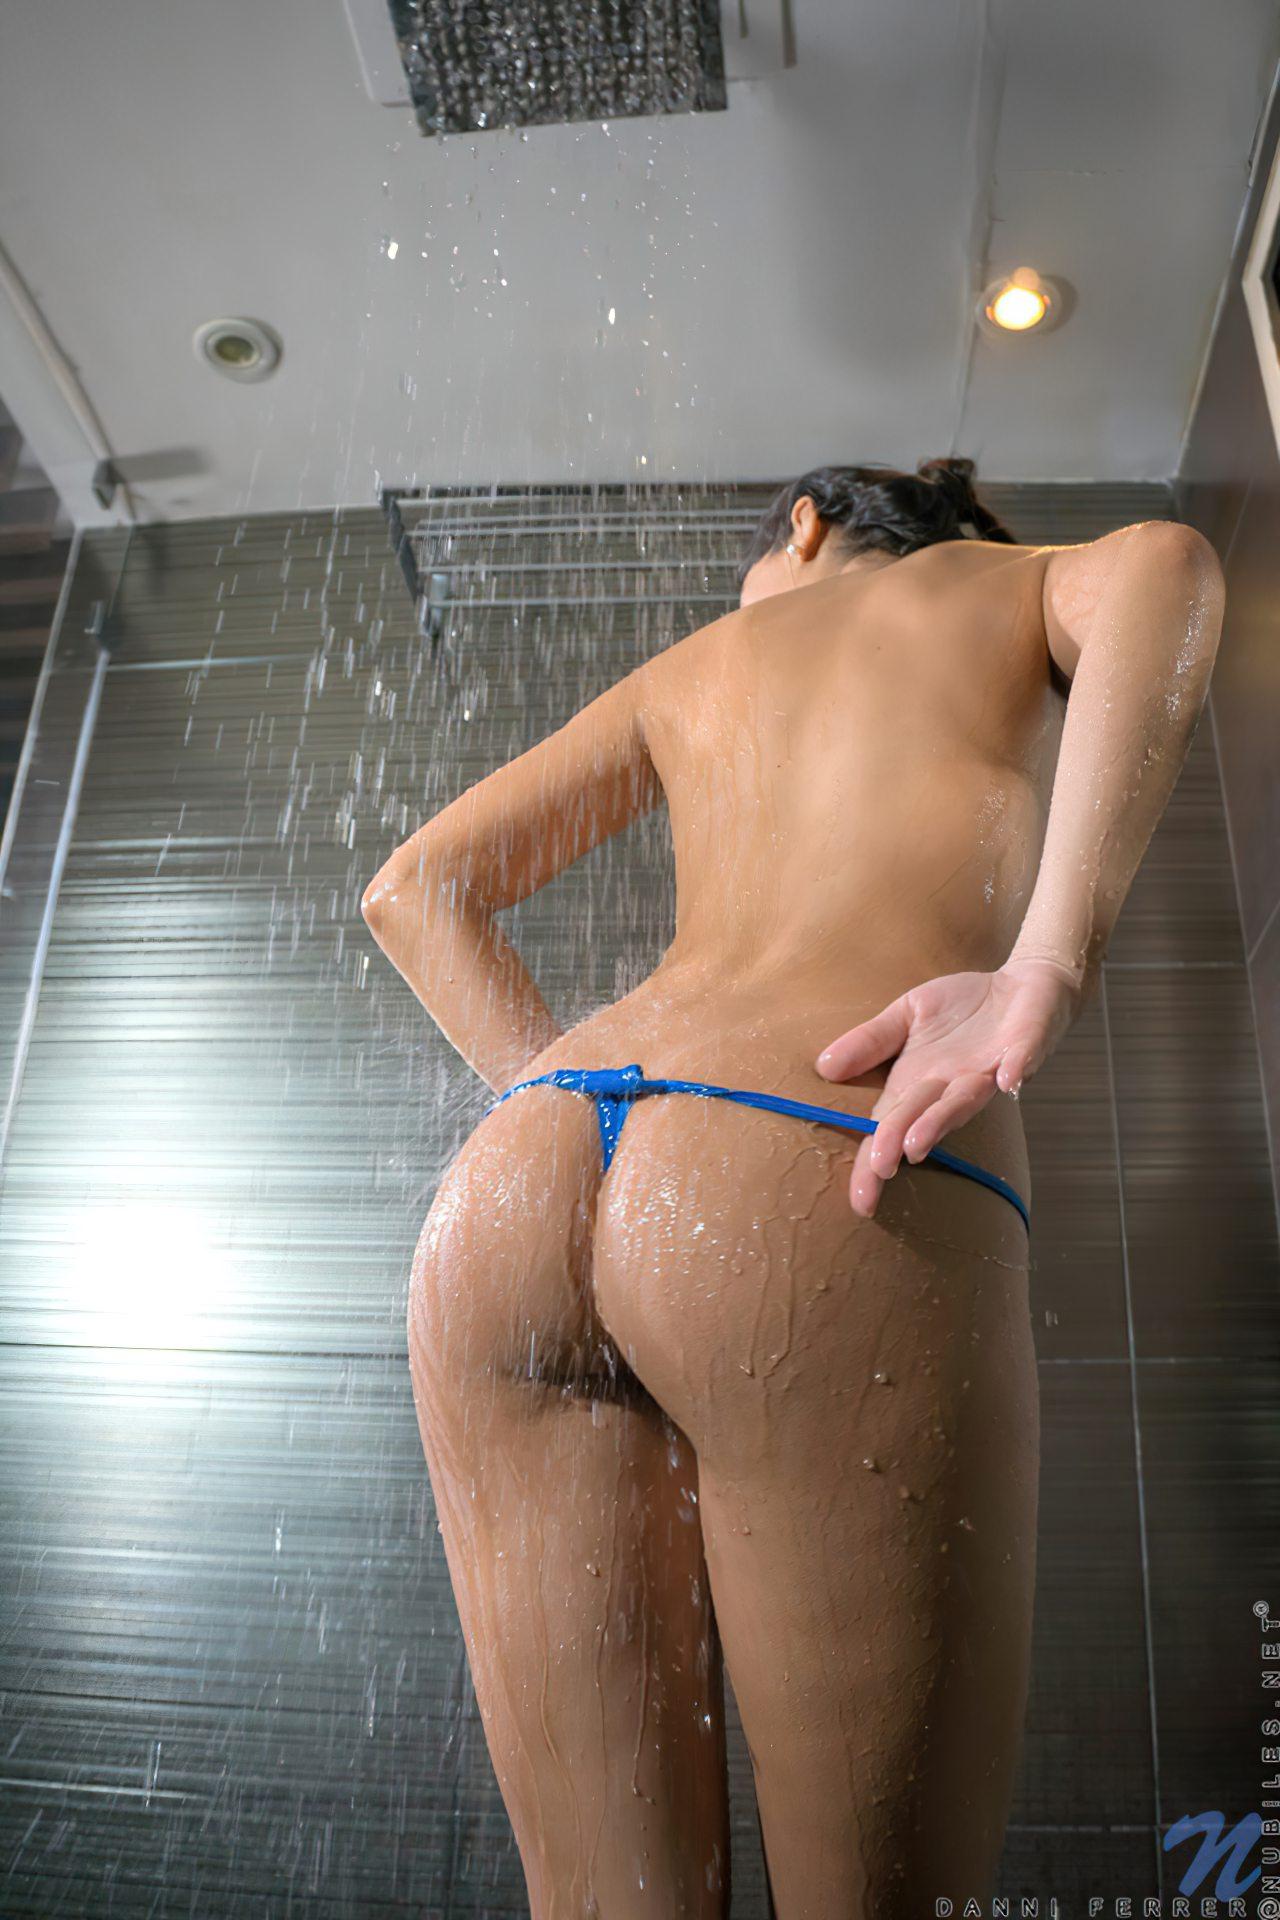 Mulher Linda Tomando Banho (4)